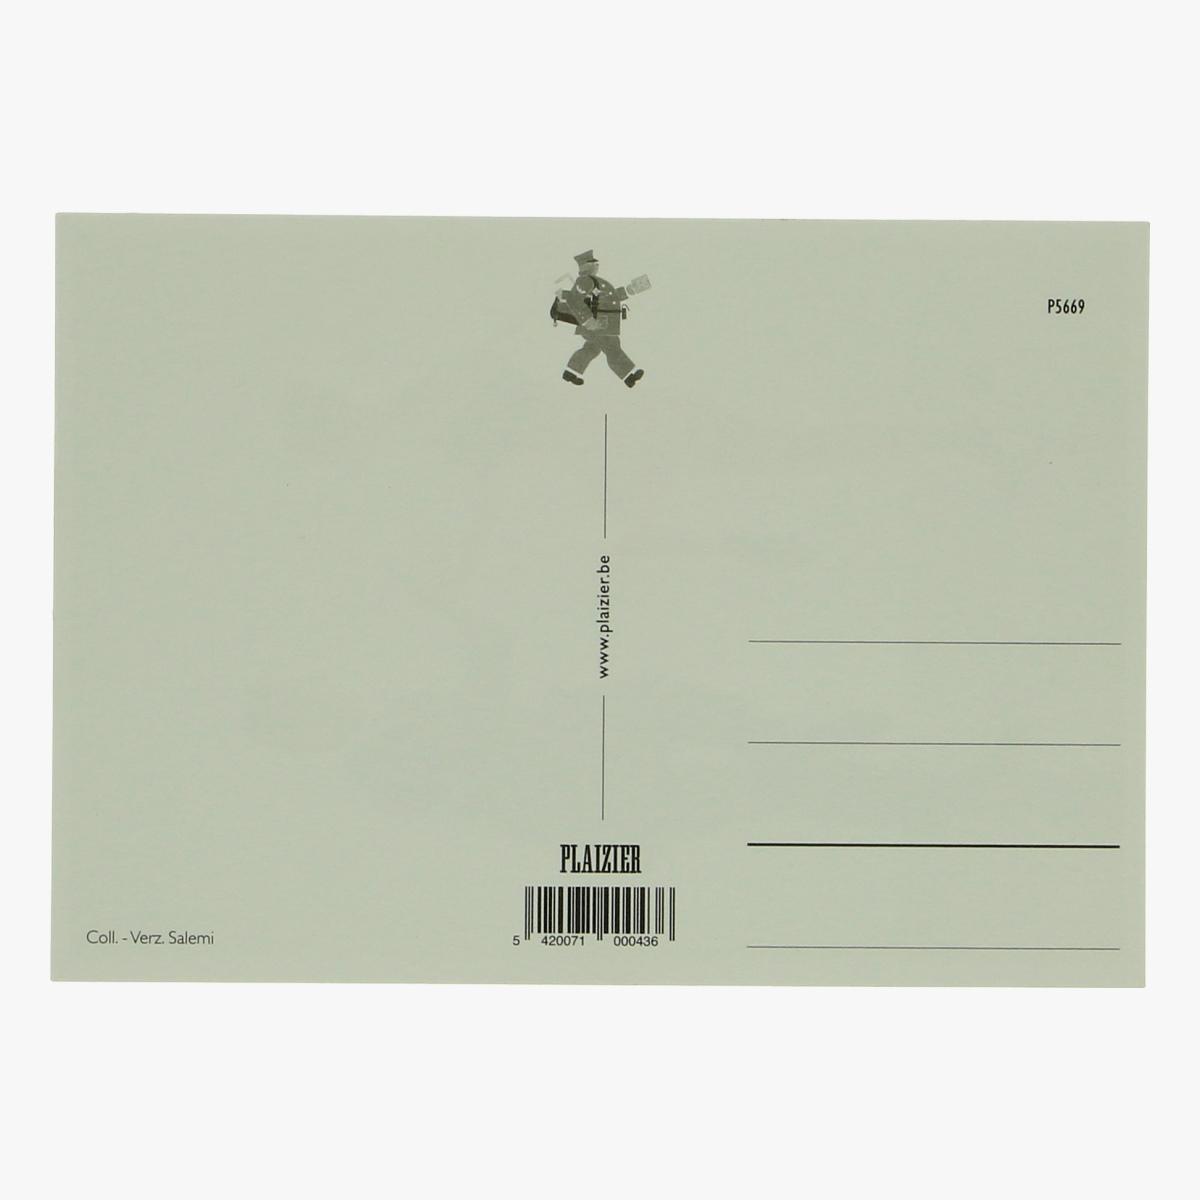 Afbeeldingen van postkaart coll.-Verz Salemi